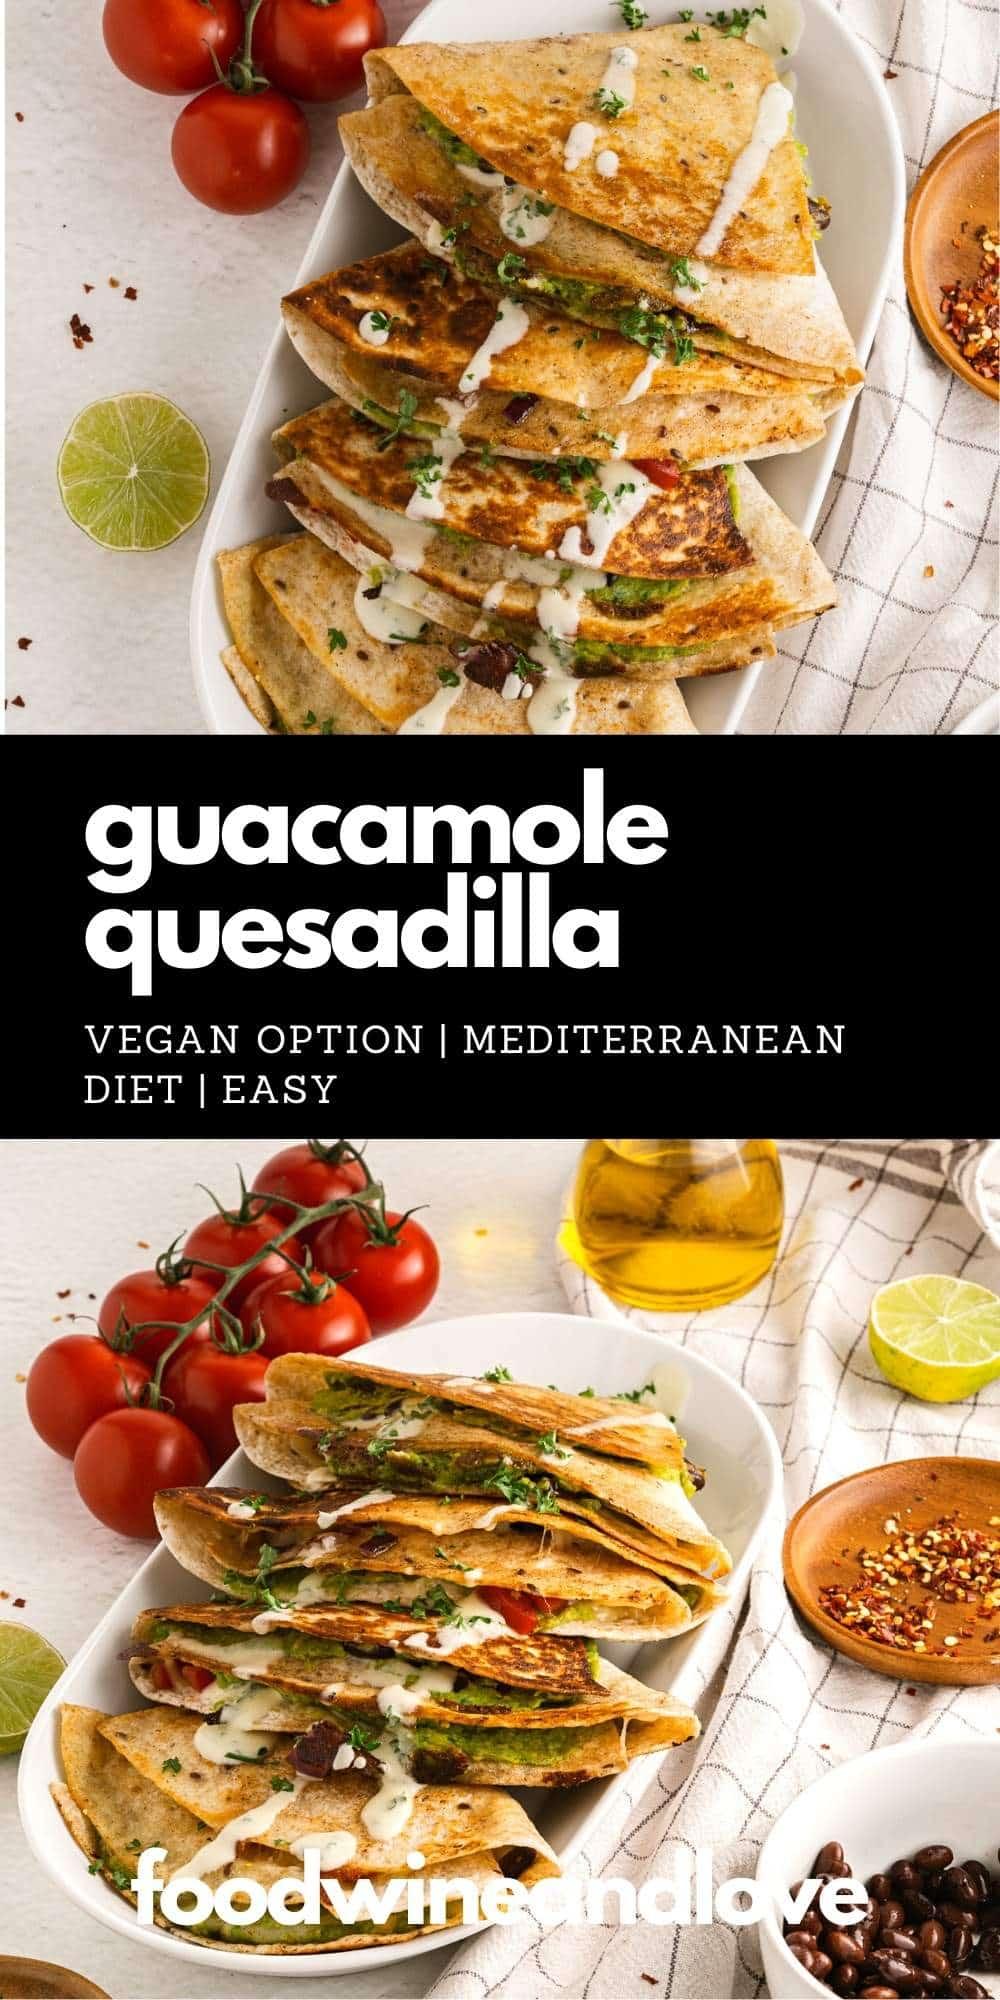 Guacamole Quesadilla